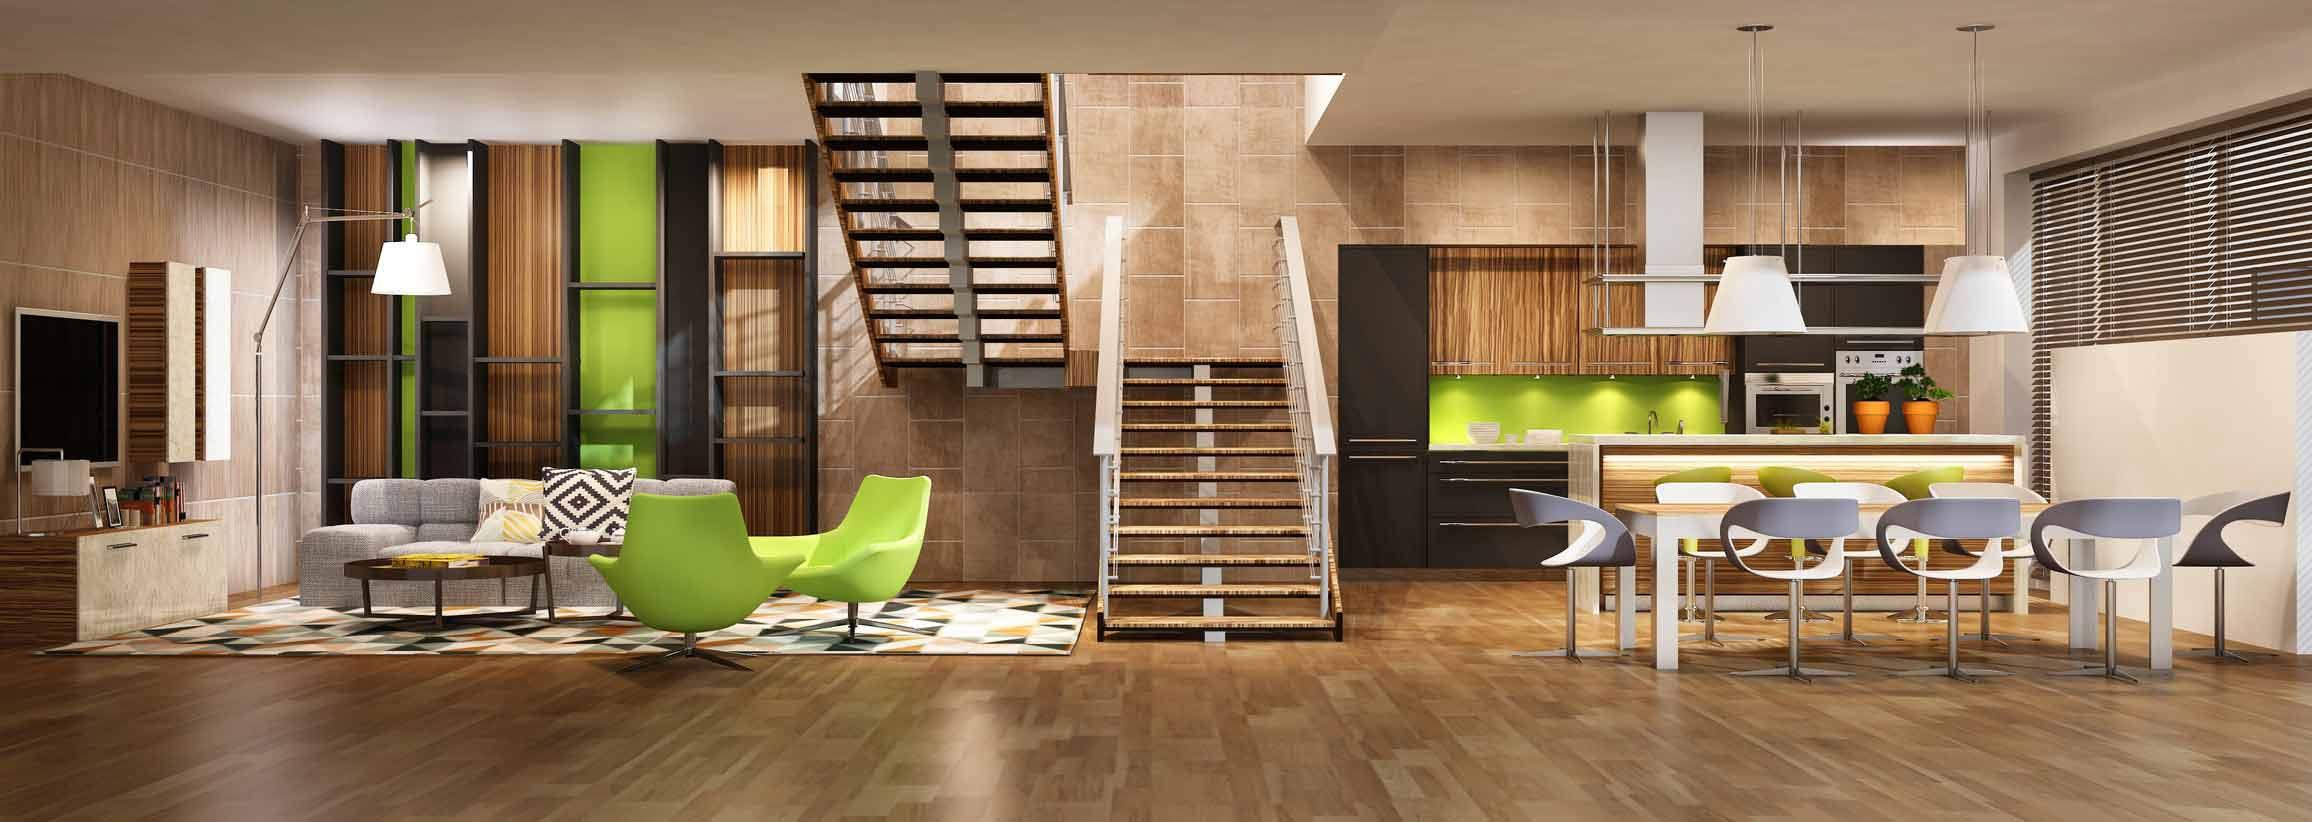 Archi Dko, architecture et décoration intérieures